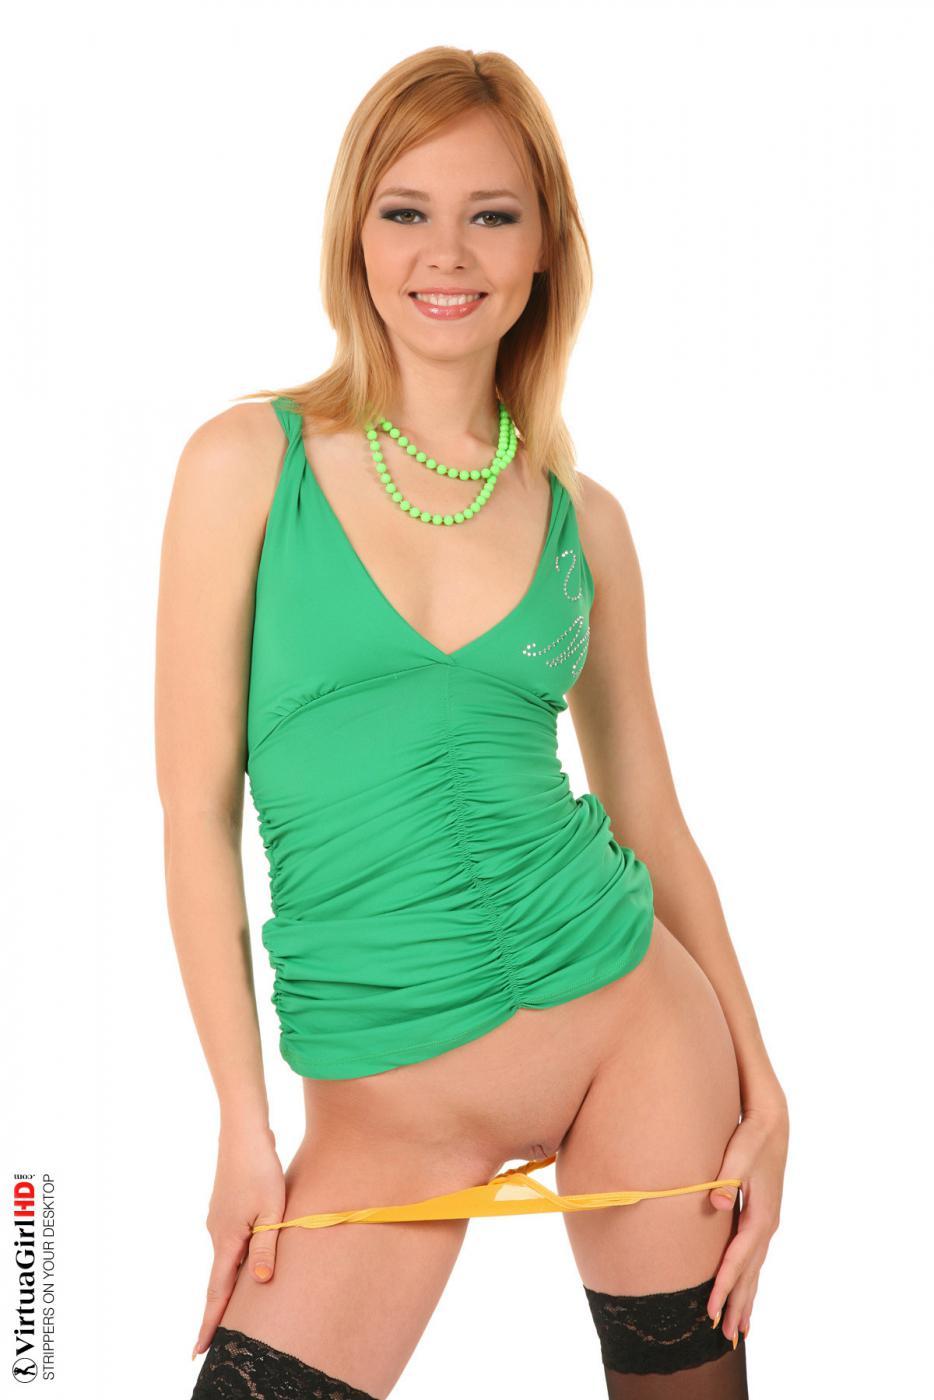 Блондинка Nikita собирается снять платье чтобы продемонстрировать свою стриженную письку